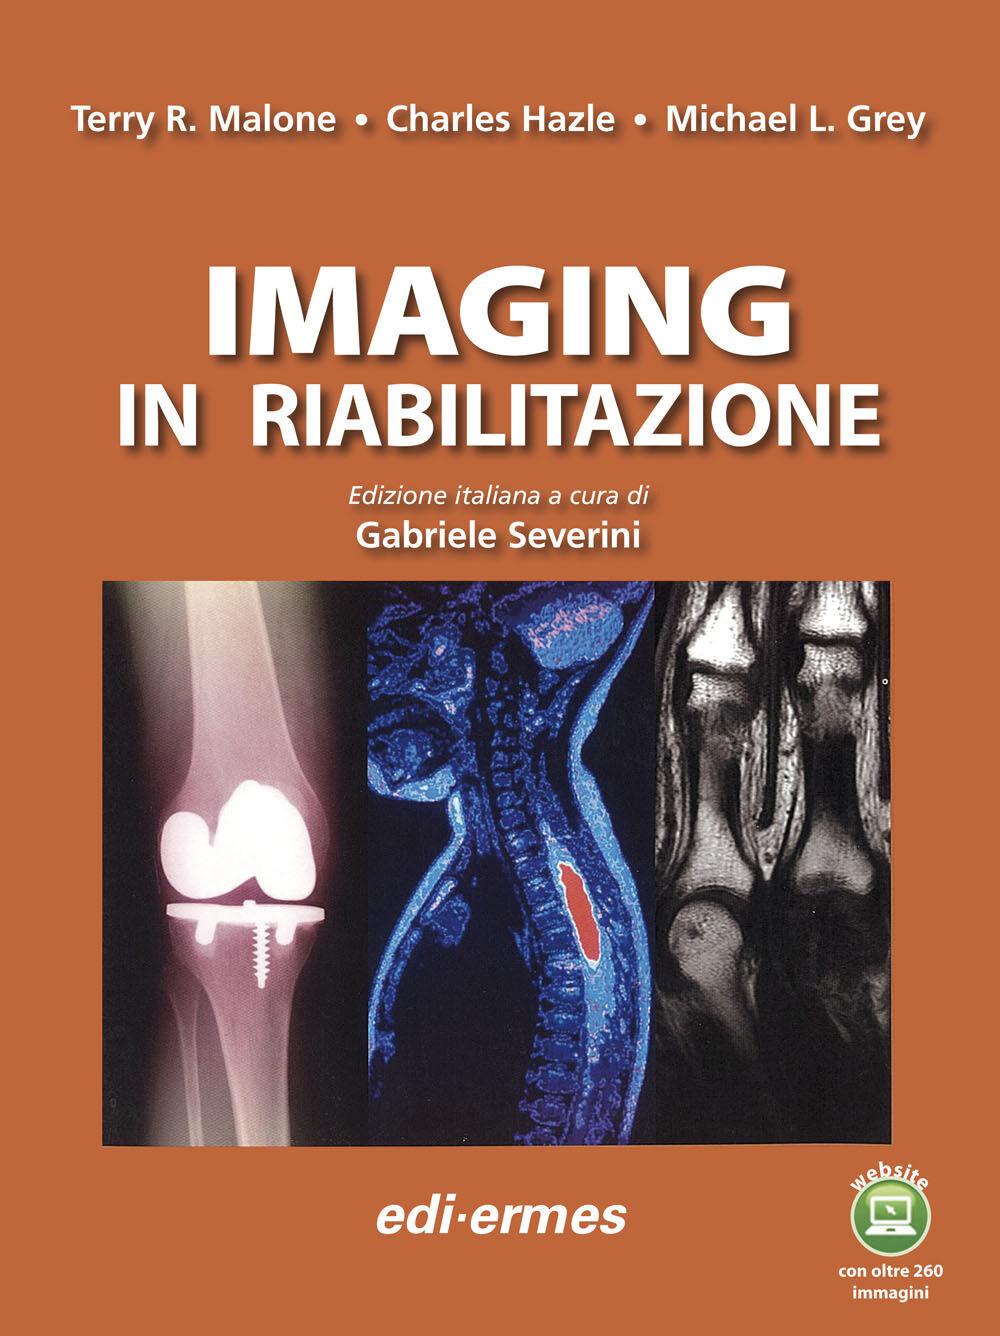 Imaging in riabilitazione